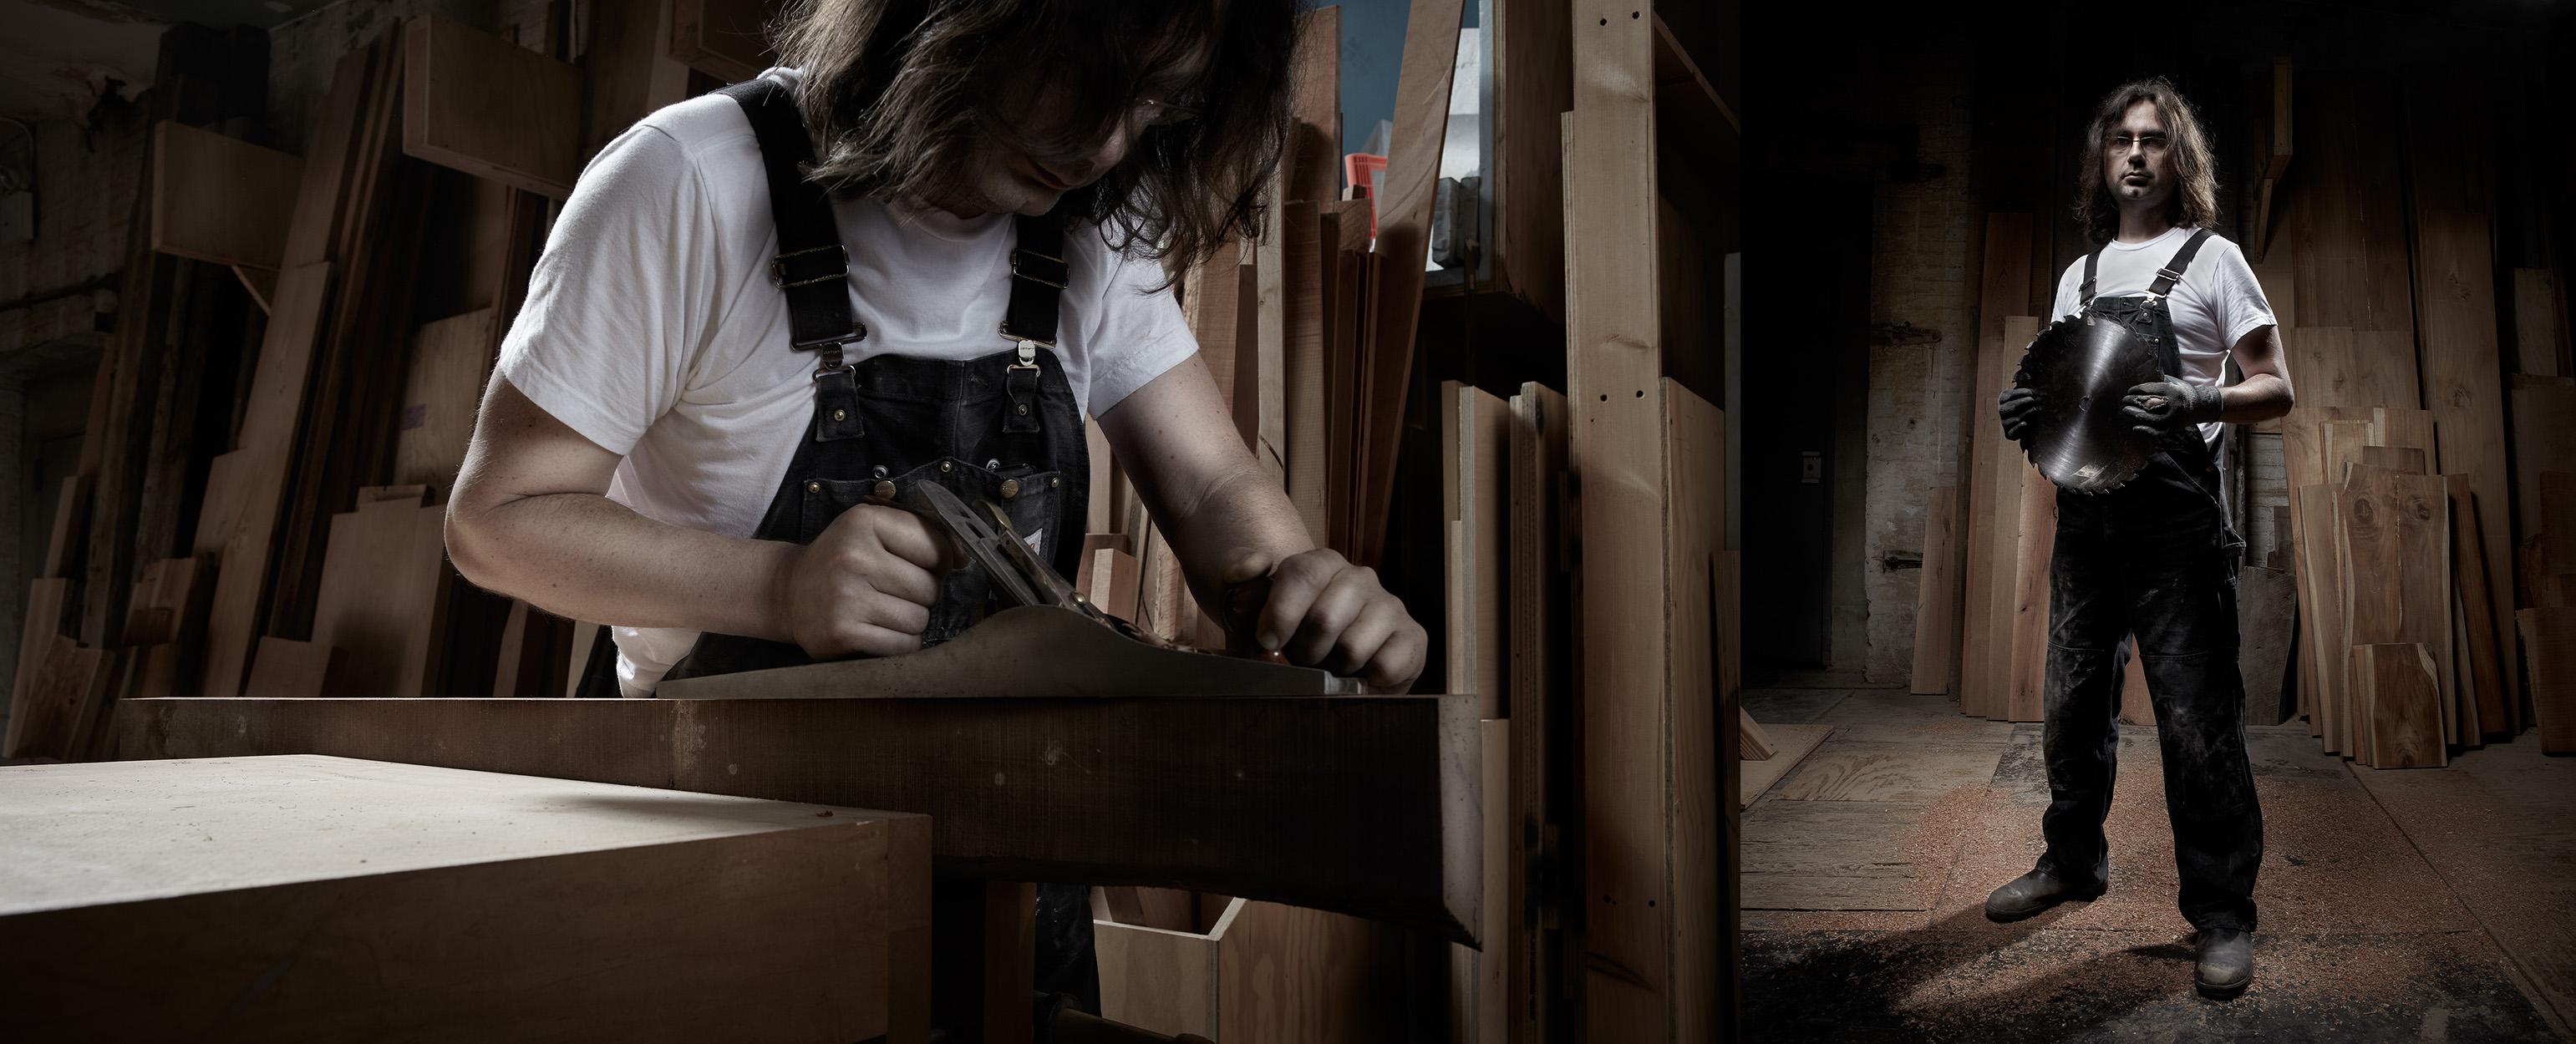 Tags: Highlander, Pickett Furniture ...